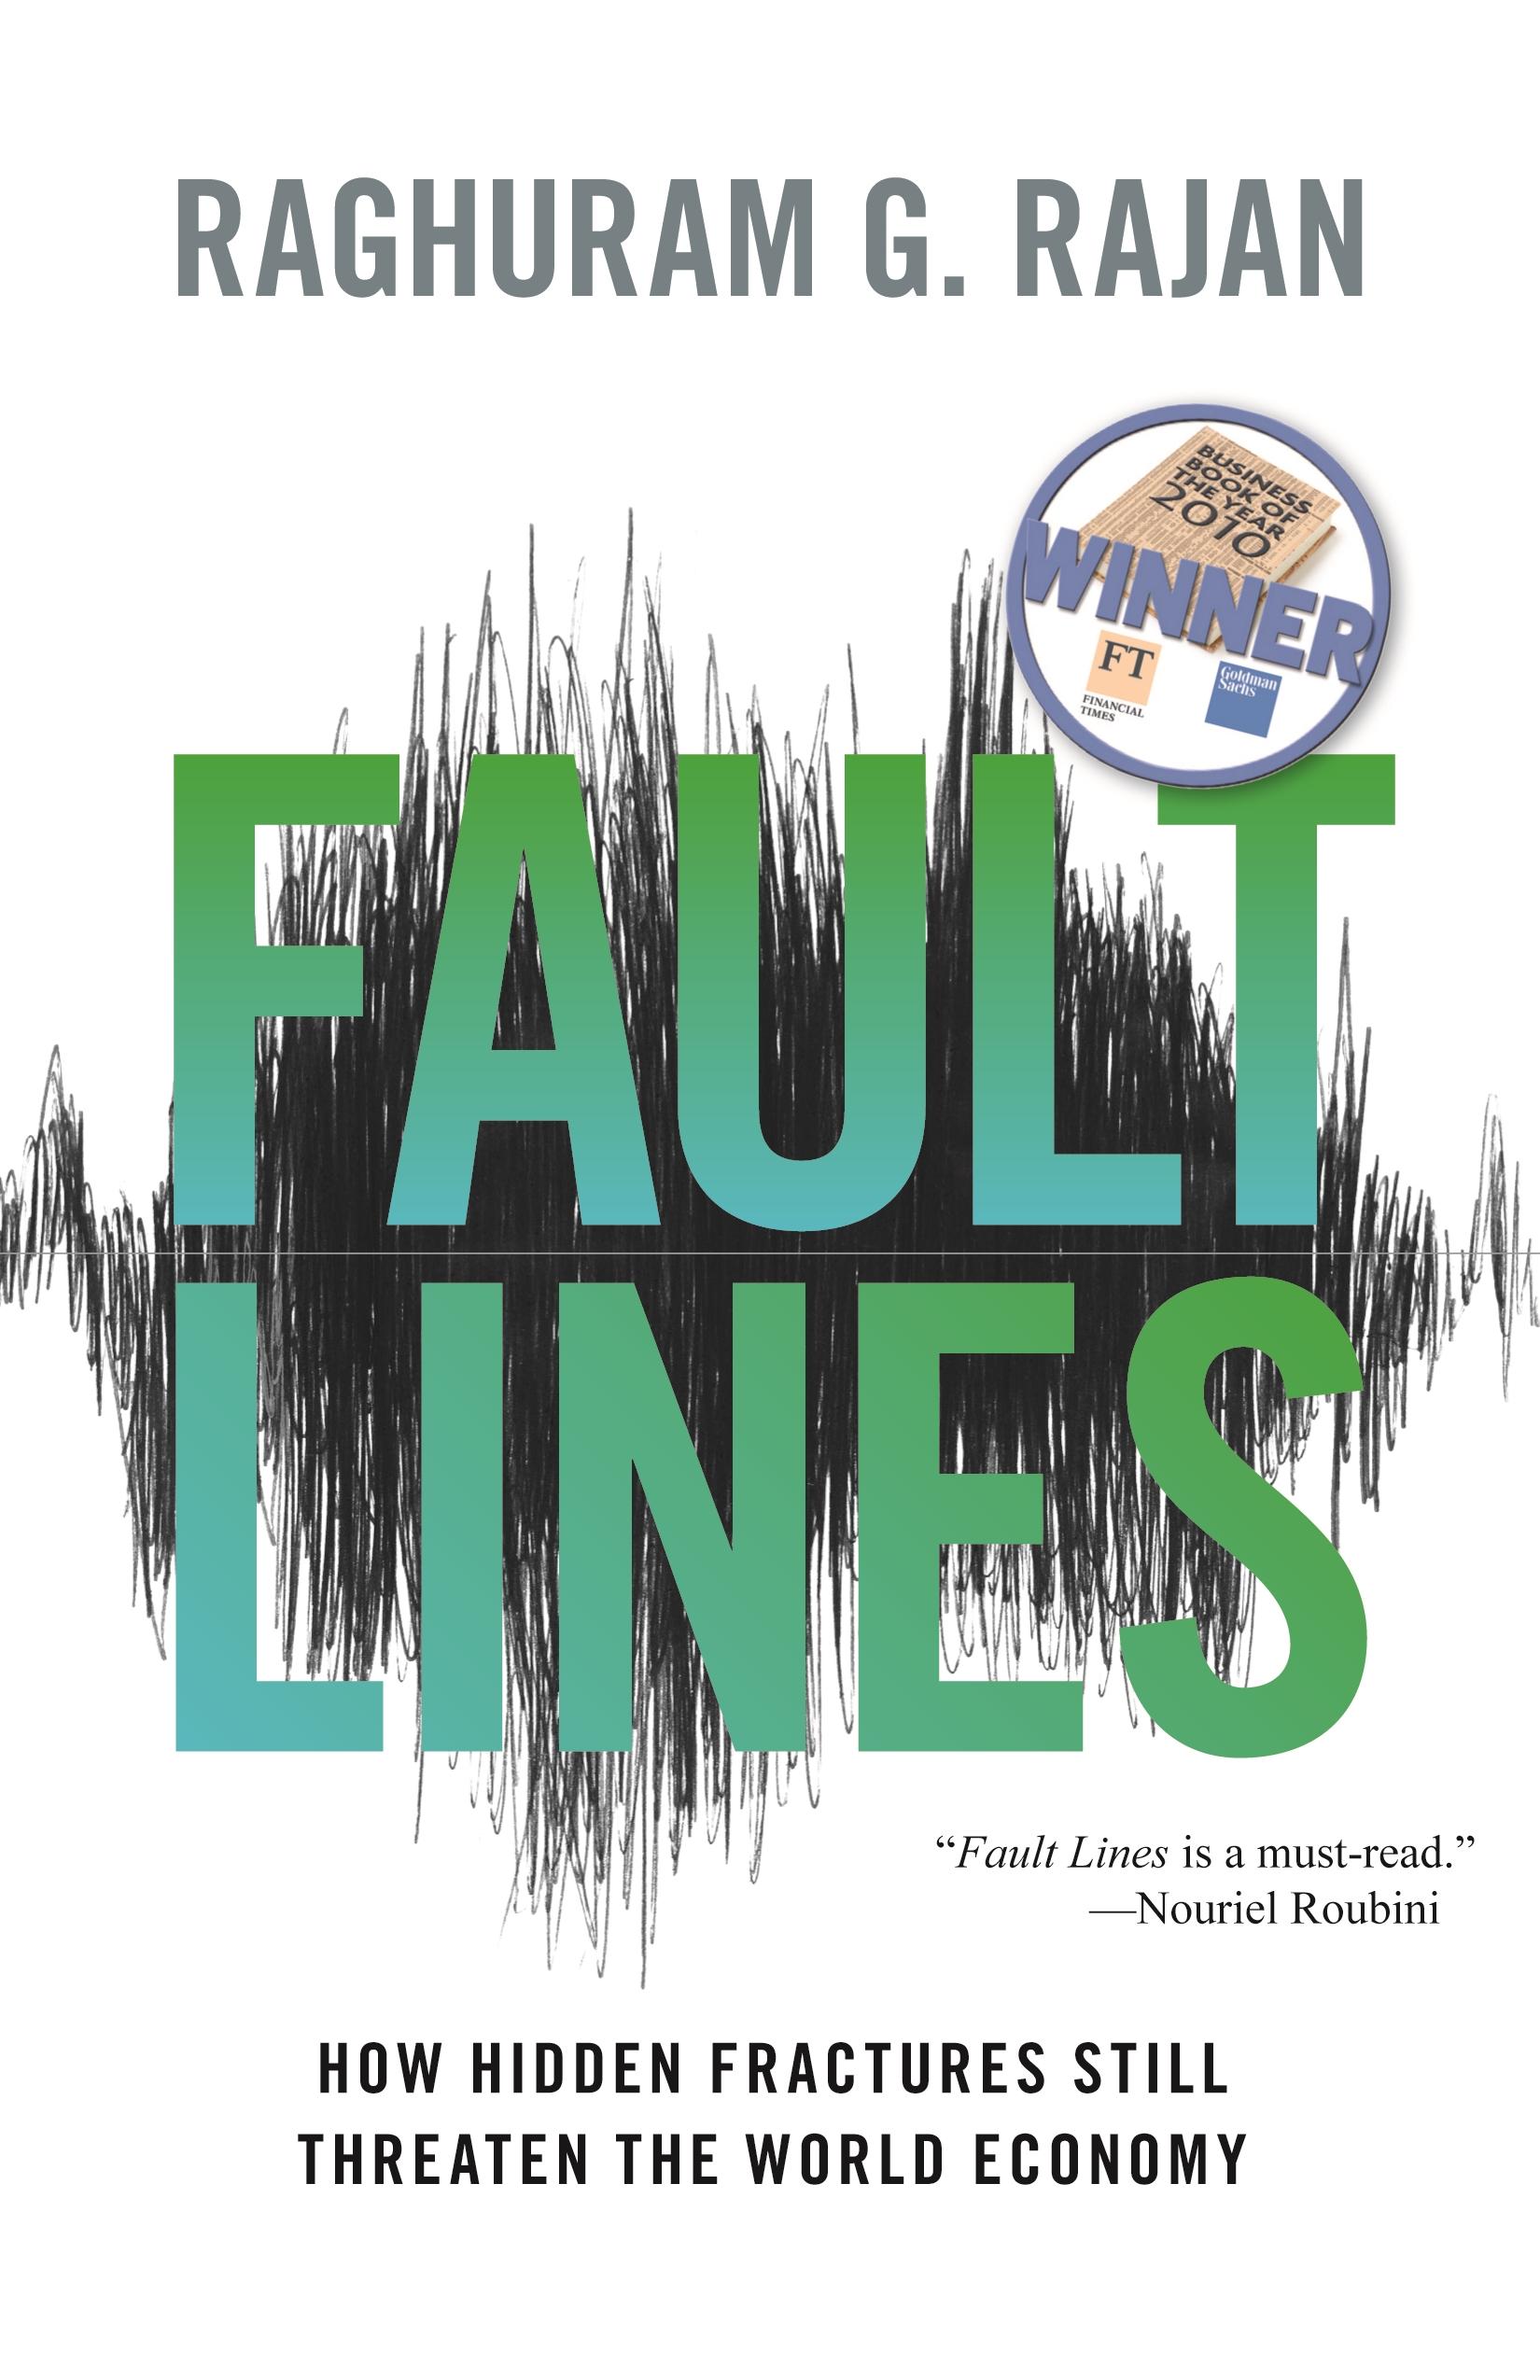 Download Ebook Fault Lines by Raghuram G. Rajan Pdf